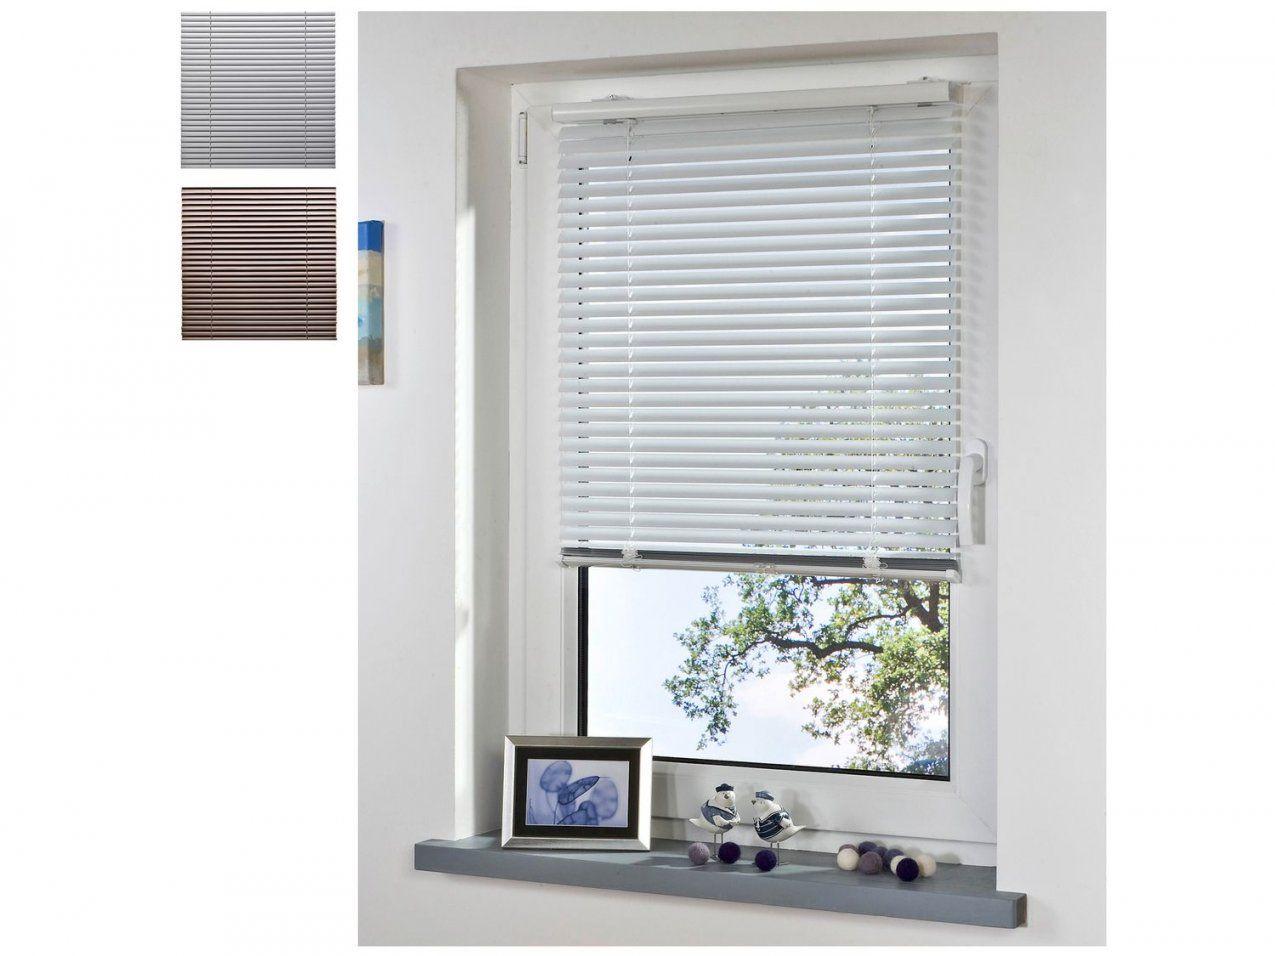 Klemm Jalousien Innen Bg01 – Hitoiro von Rollo Ins Fenster Klemmen Photo